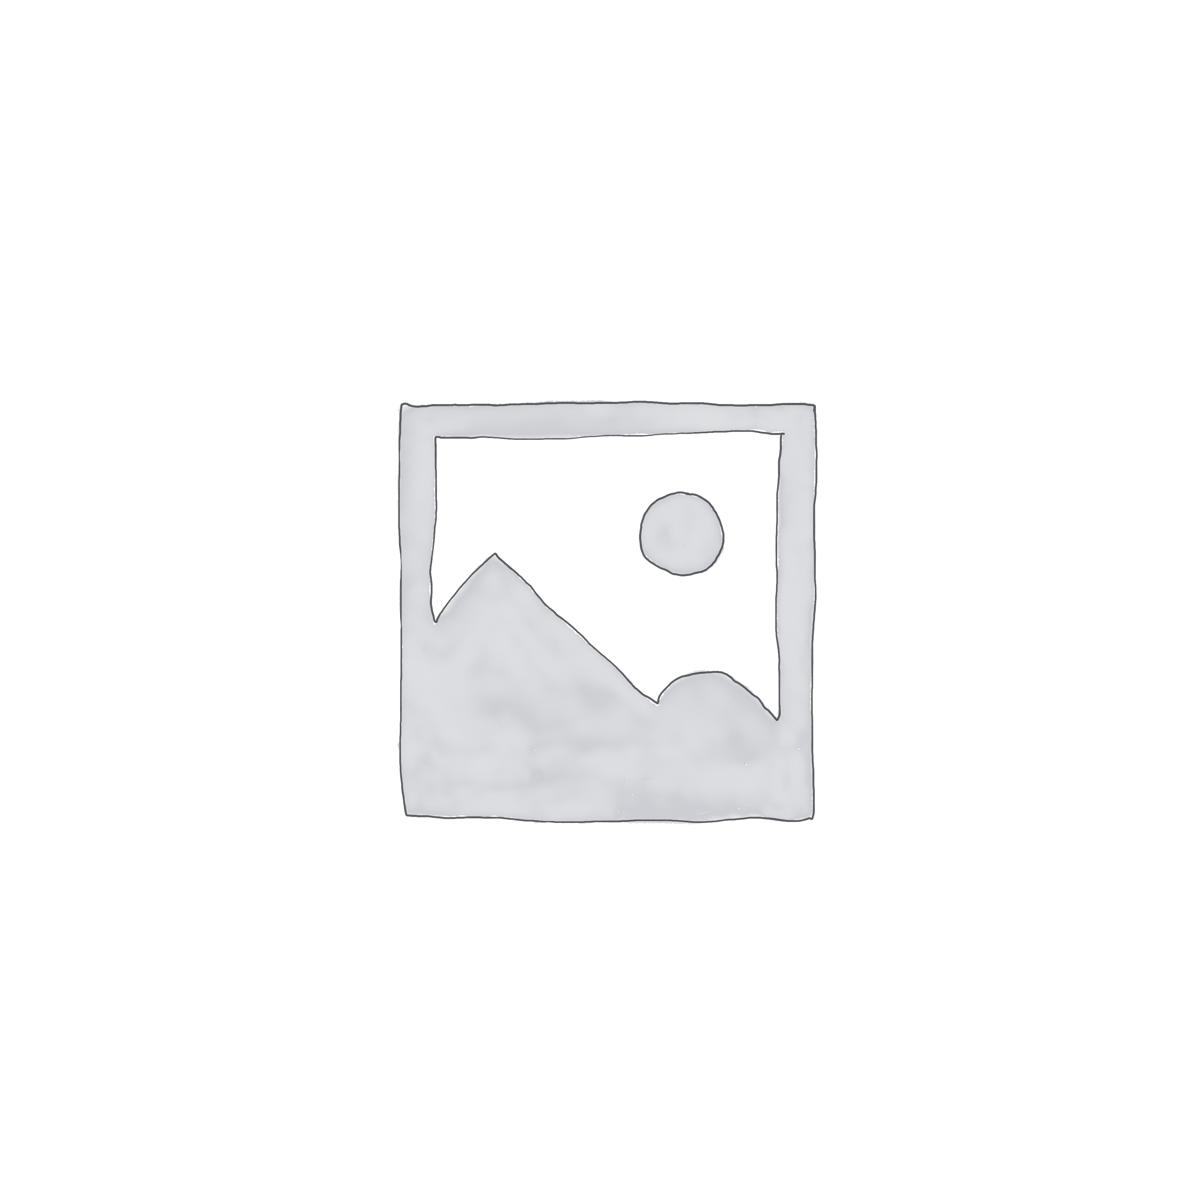 Бумага для плоттеров универсальная, втулка 50,8мм